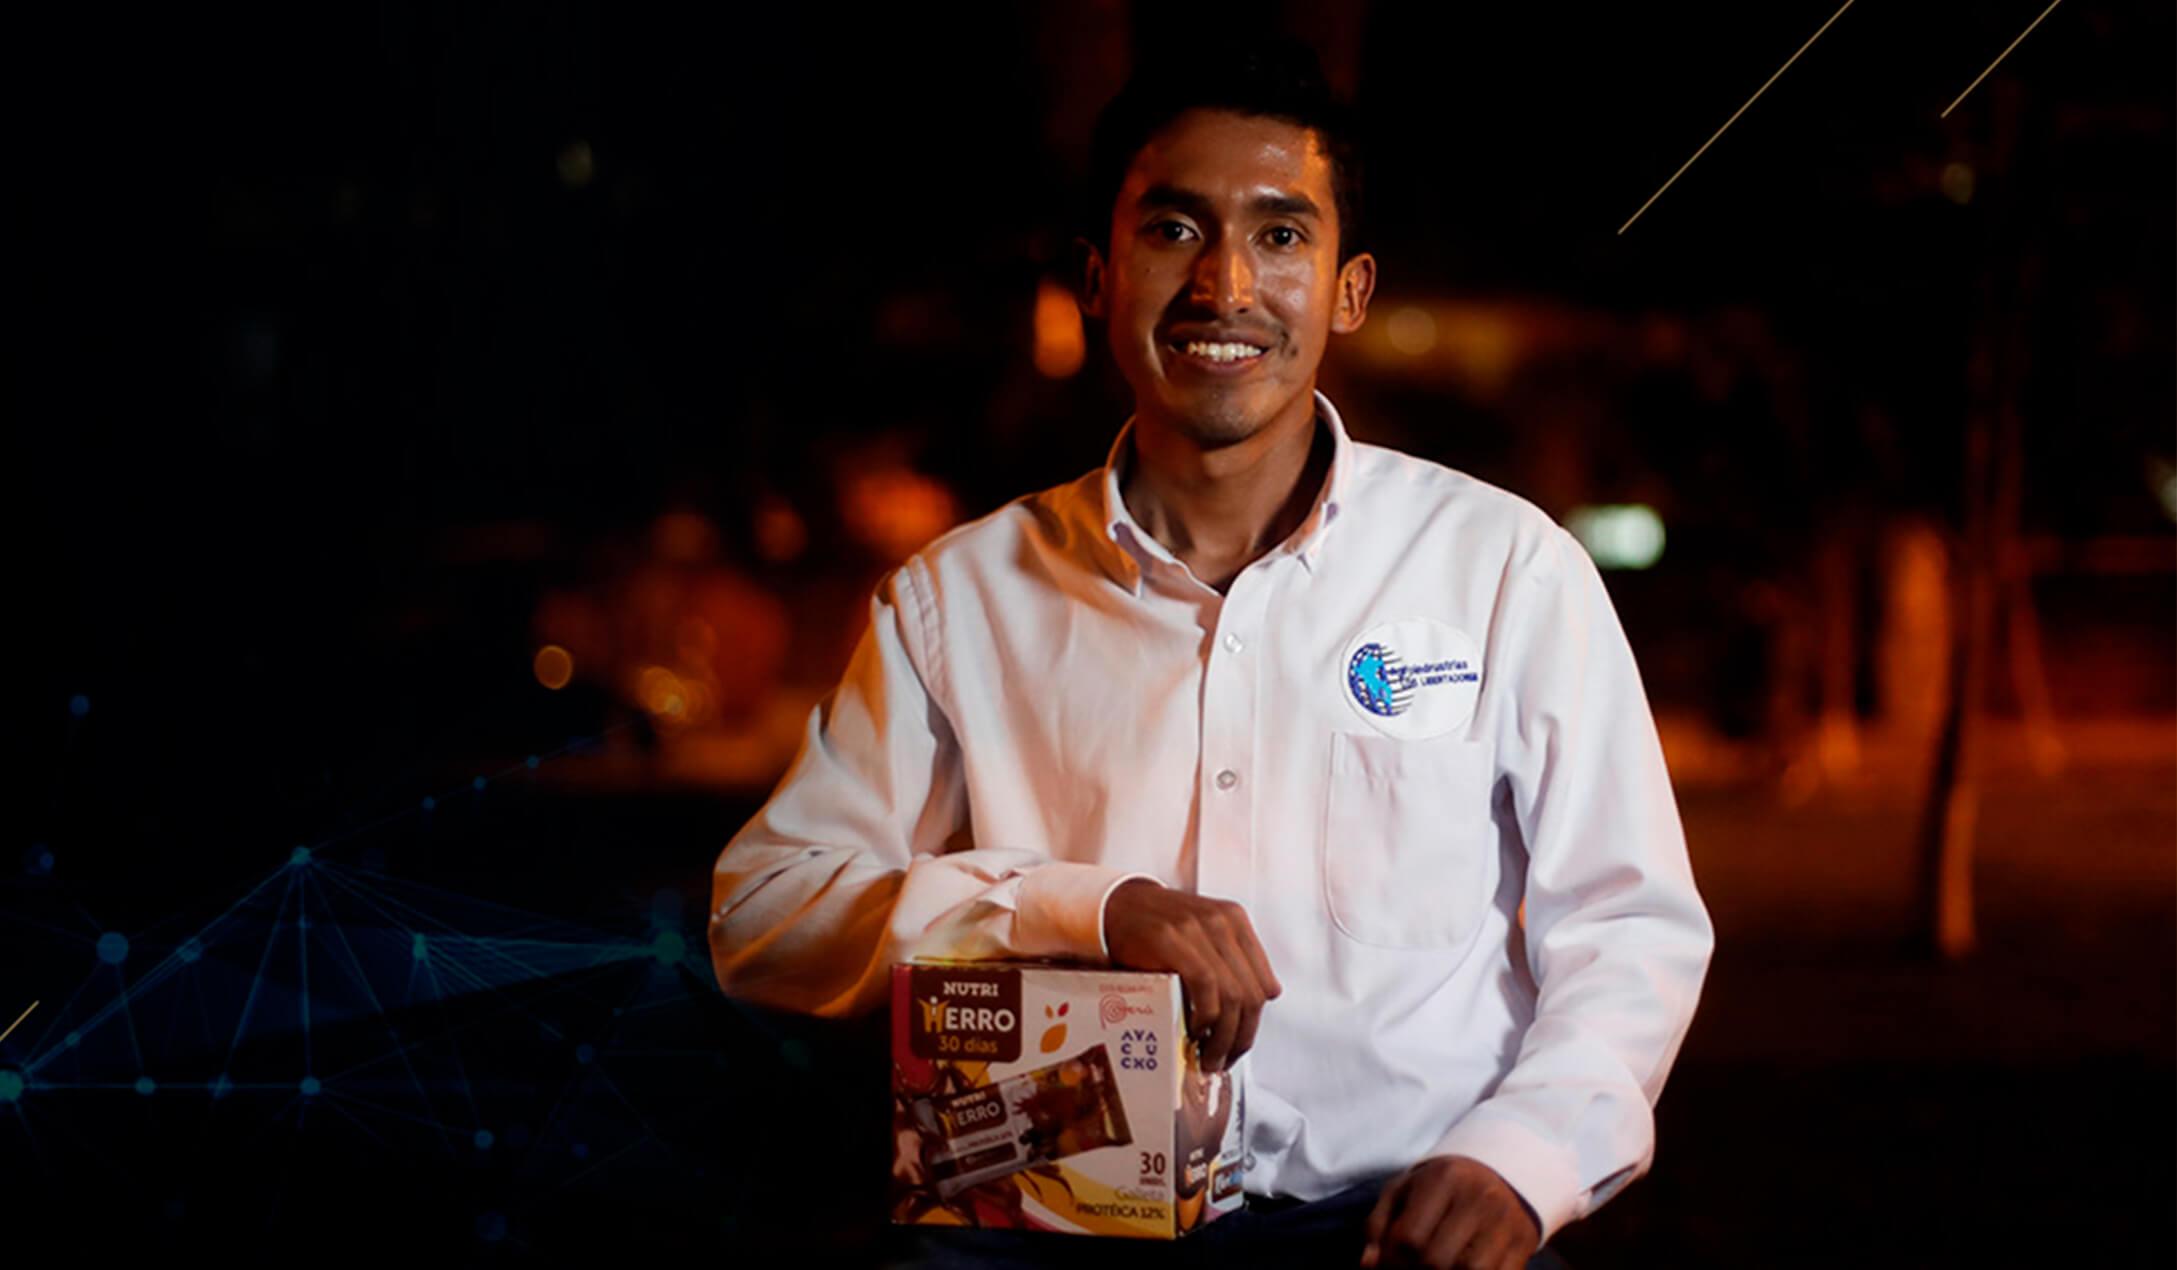 Julio Garay creador de la galleta que cura la anemia.